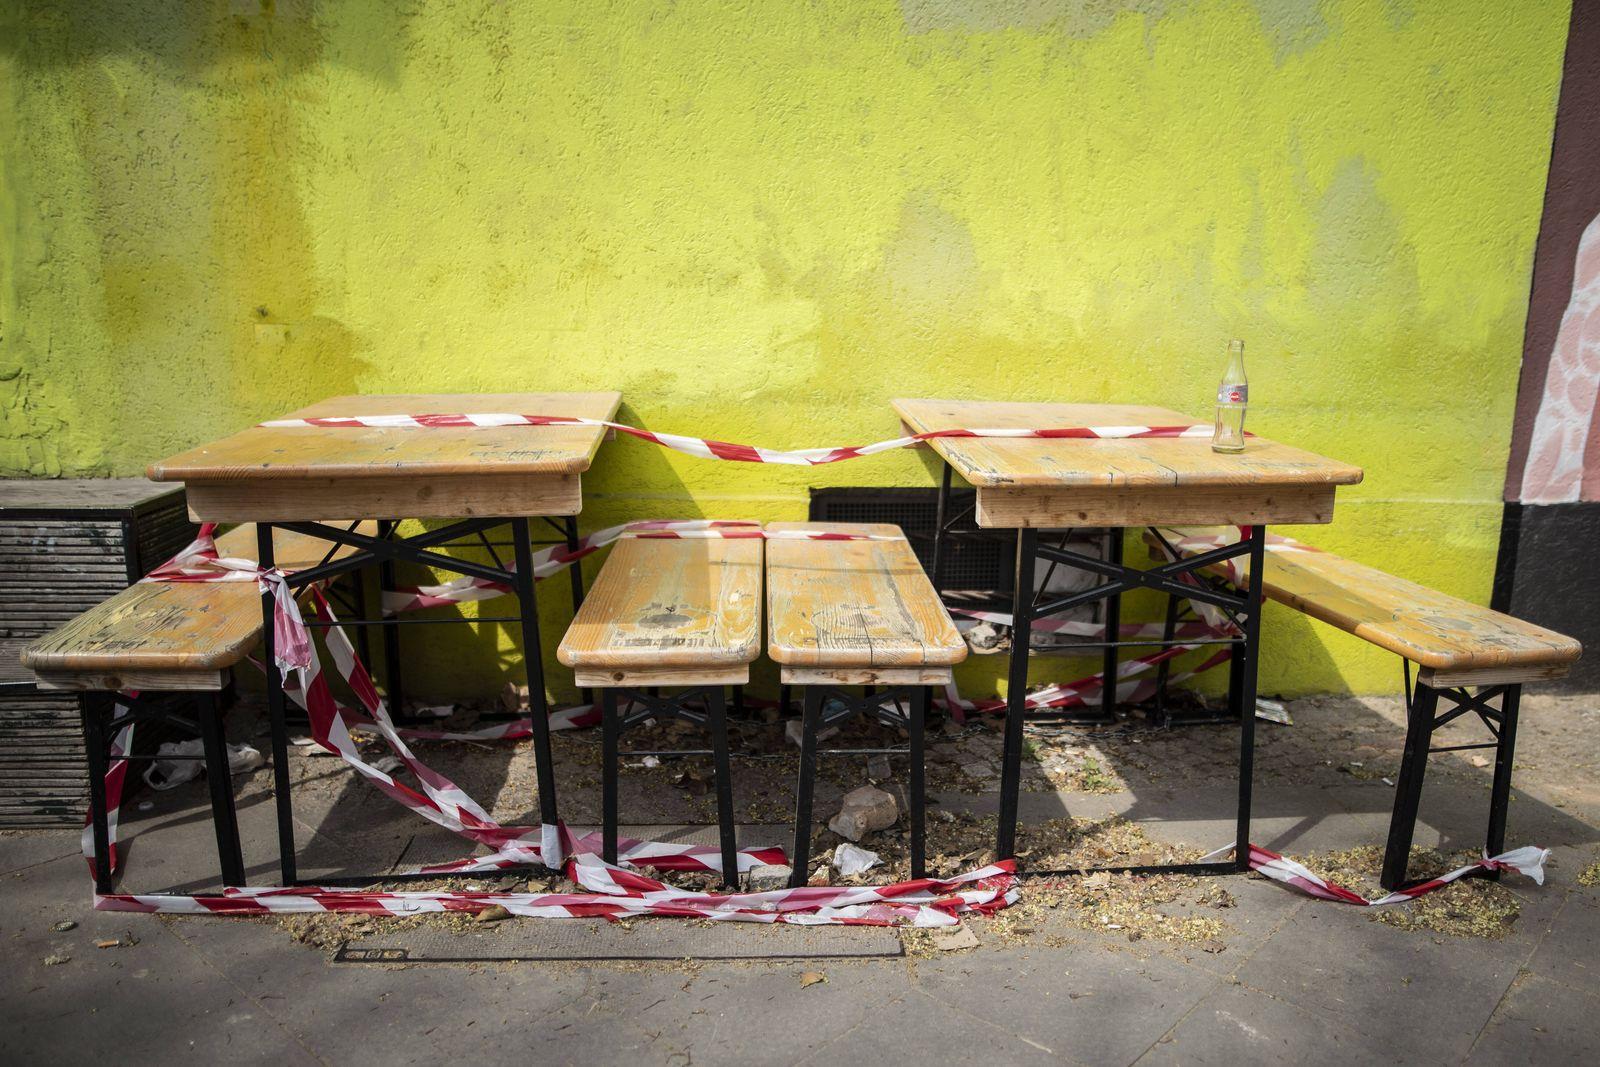 Baenke und Tische sind mit Absperrband abgesperrt in Berlin, 28.04.2020. Aufgrund der Coronakrise duerfen Gastronomen k